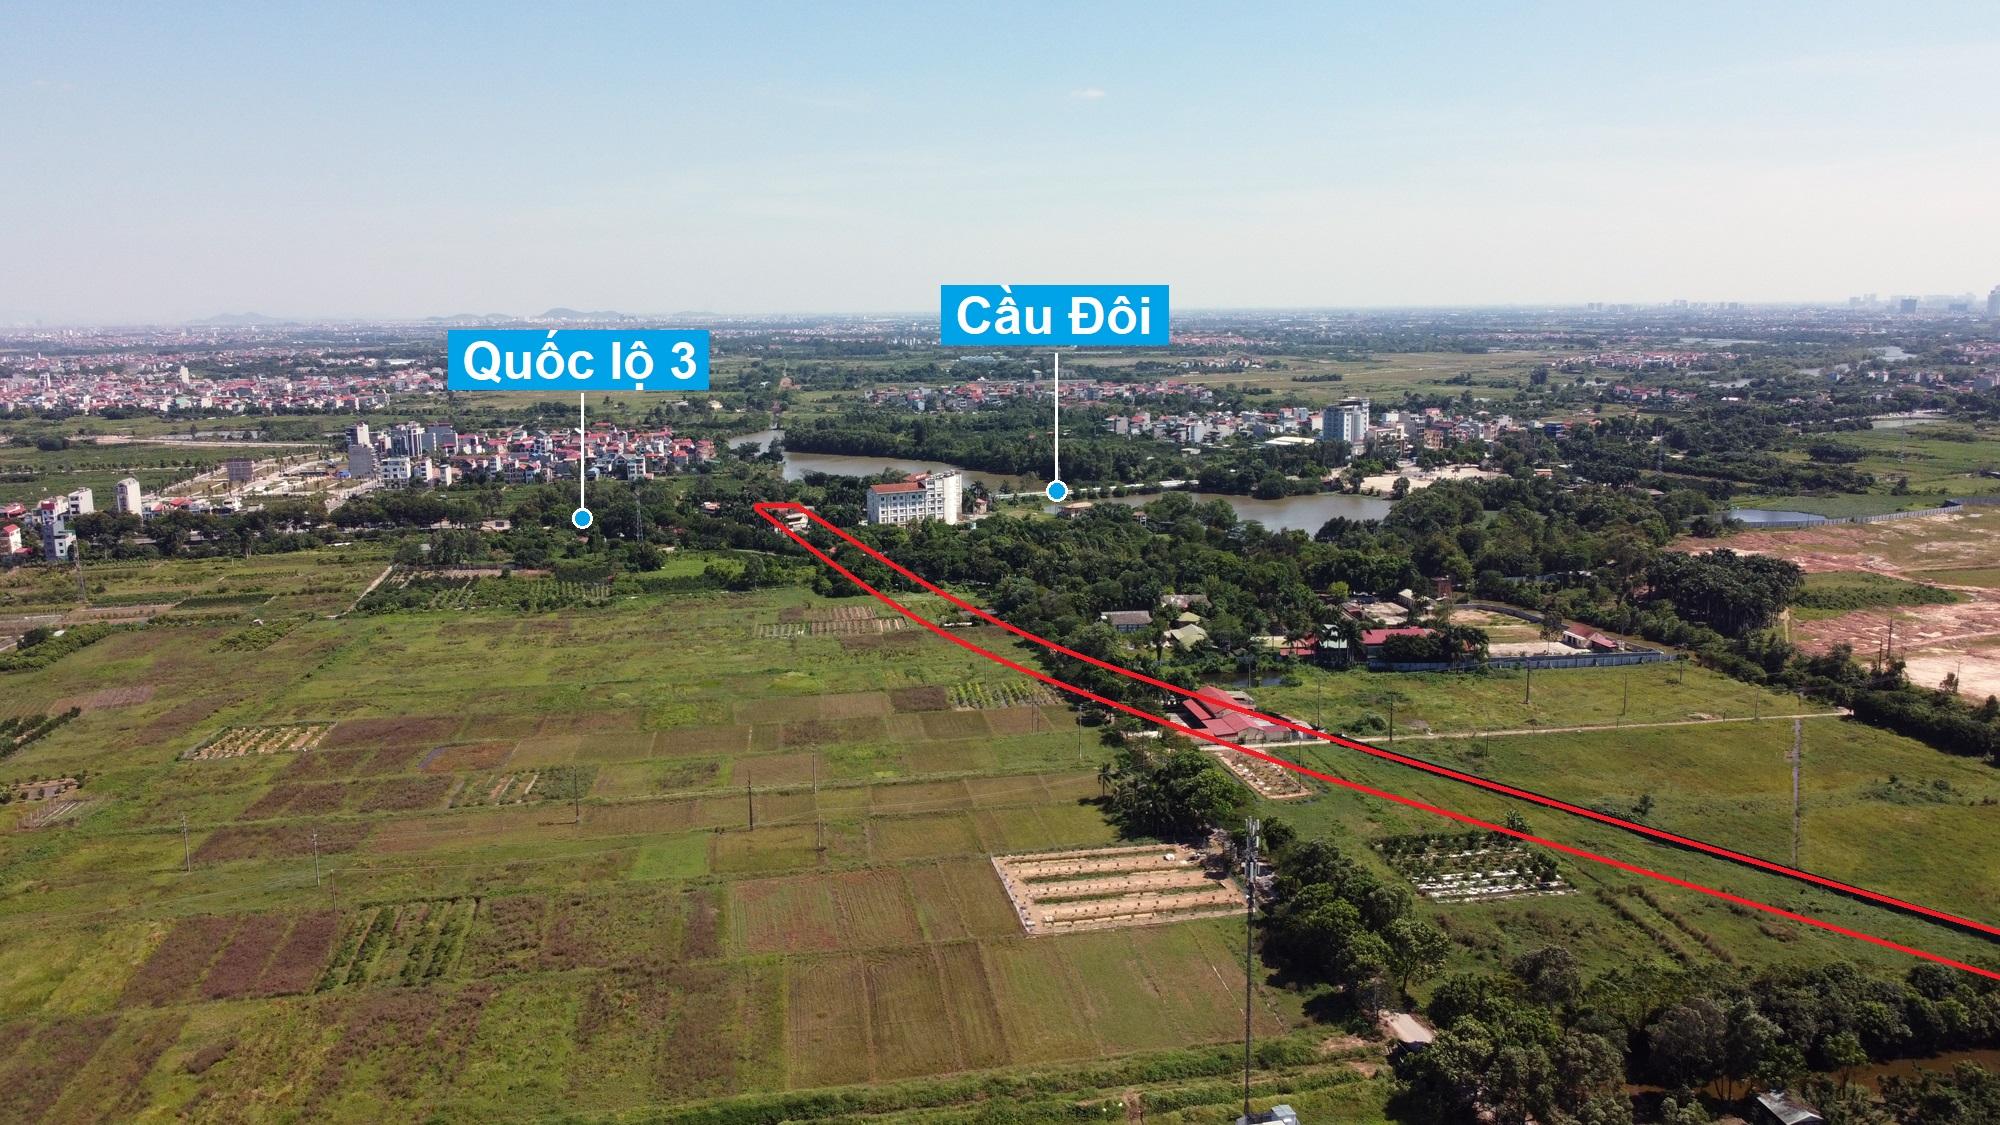 Đường sẽ mở theo quy hoạch xung quanh dự án Thành phố Thông minh Bắc Hà Nội (phần 2) - Ảnh 6.